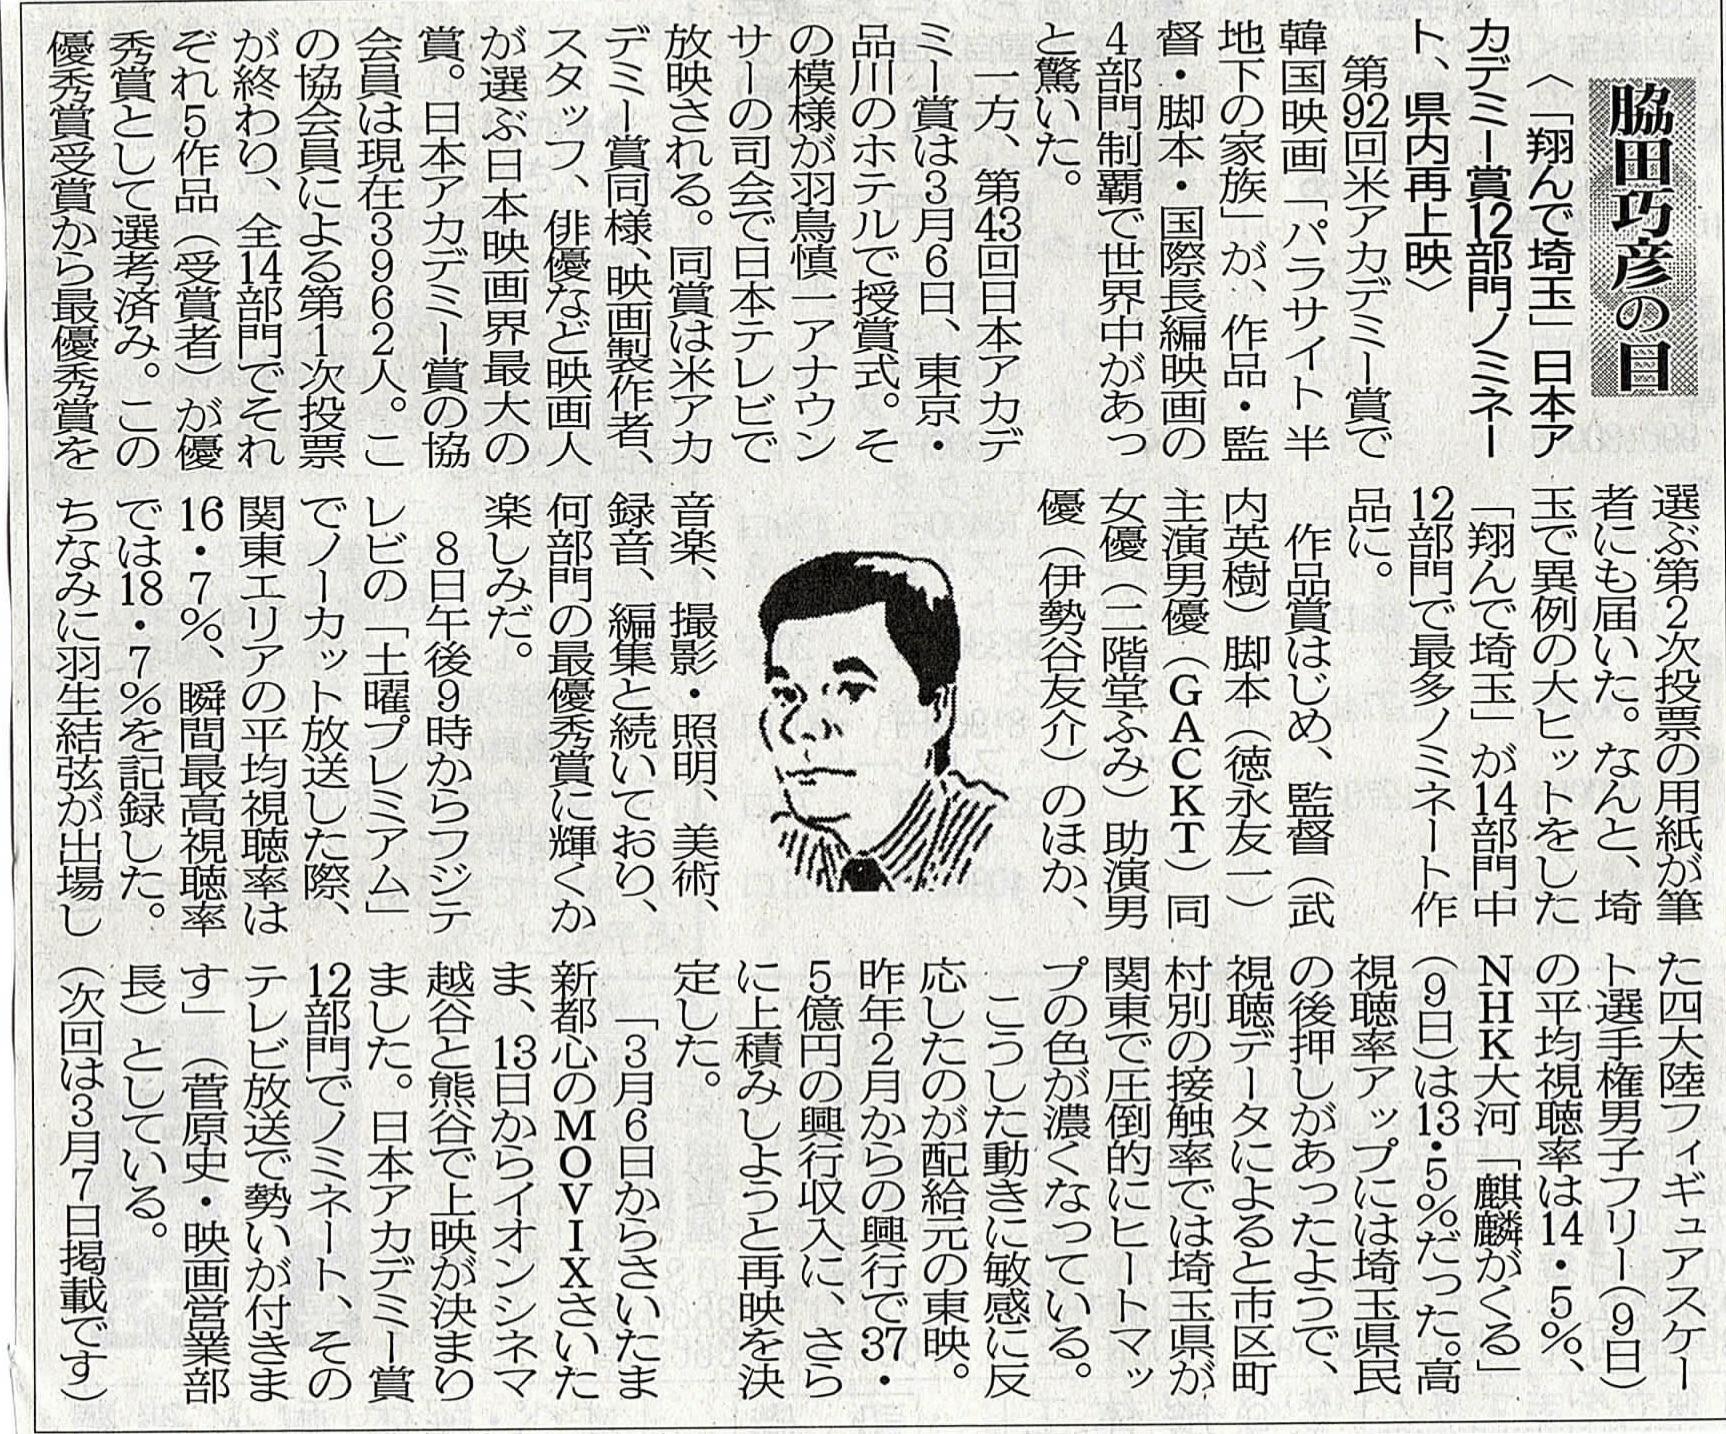 2020年2月20日 「翔んで埼玉」日本アカデミー賞12部門ノミネート、県内再上映